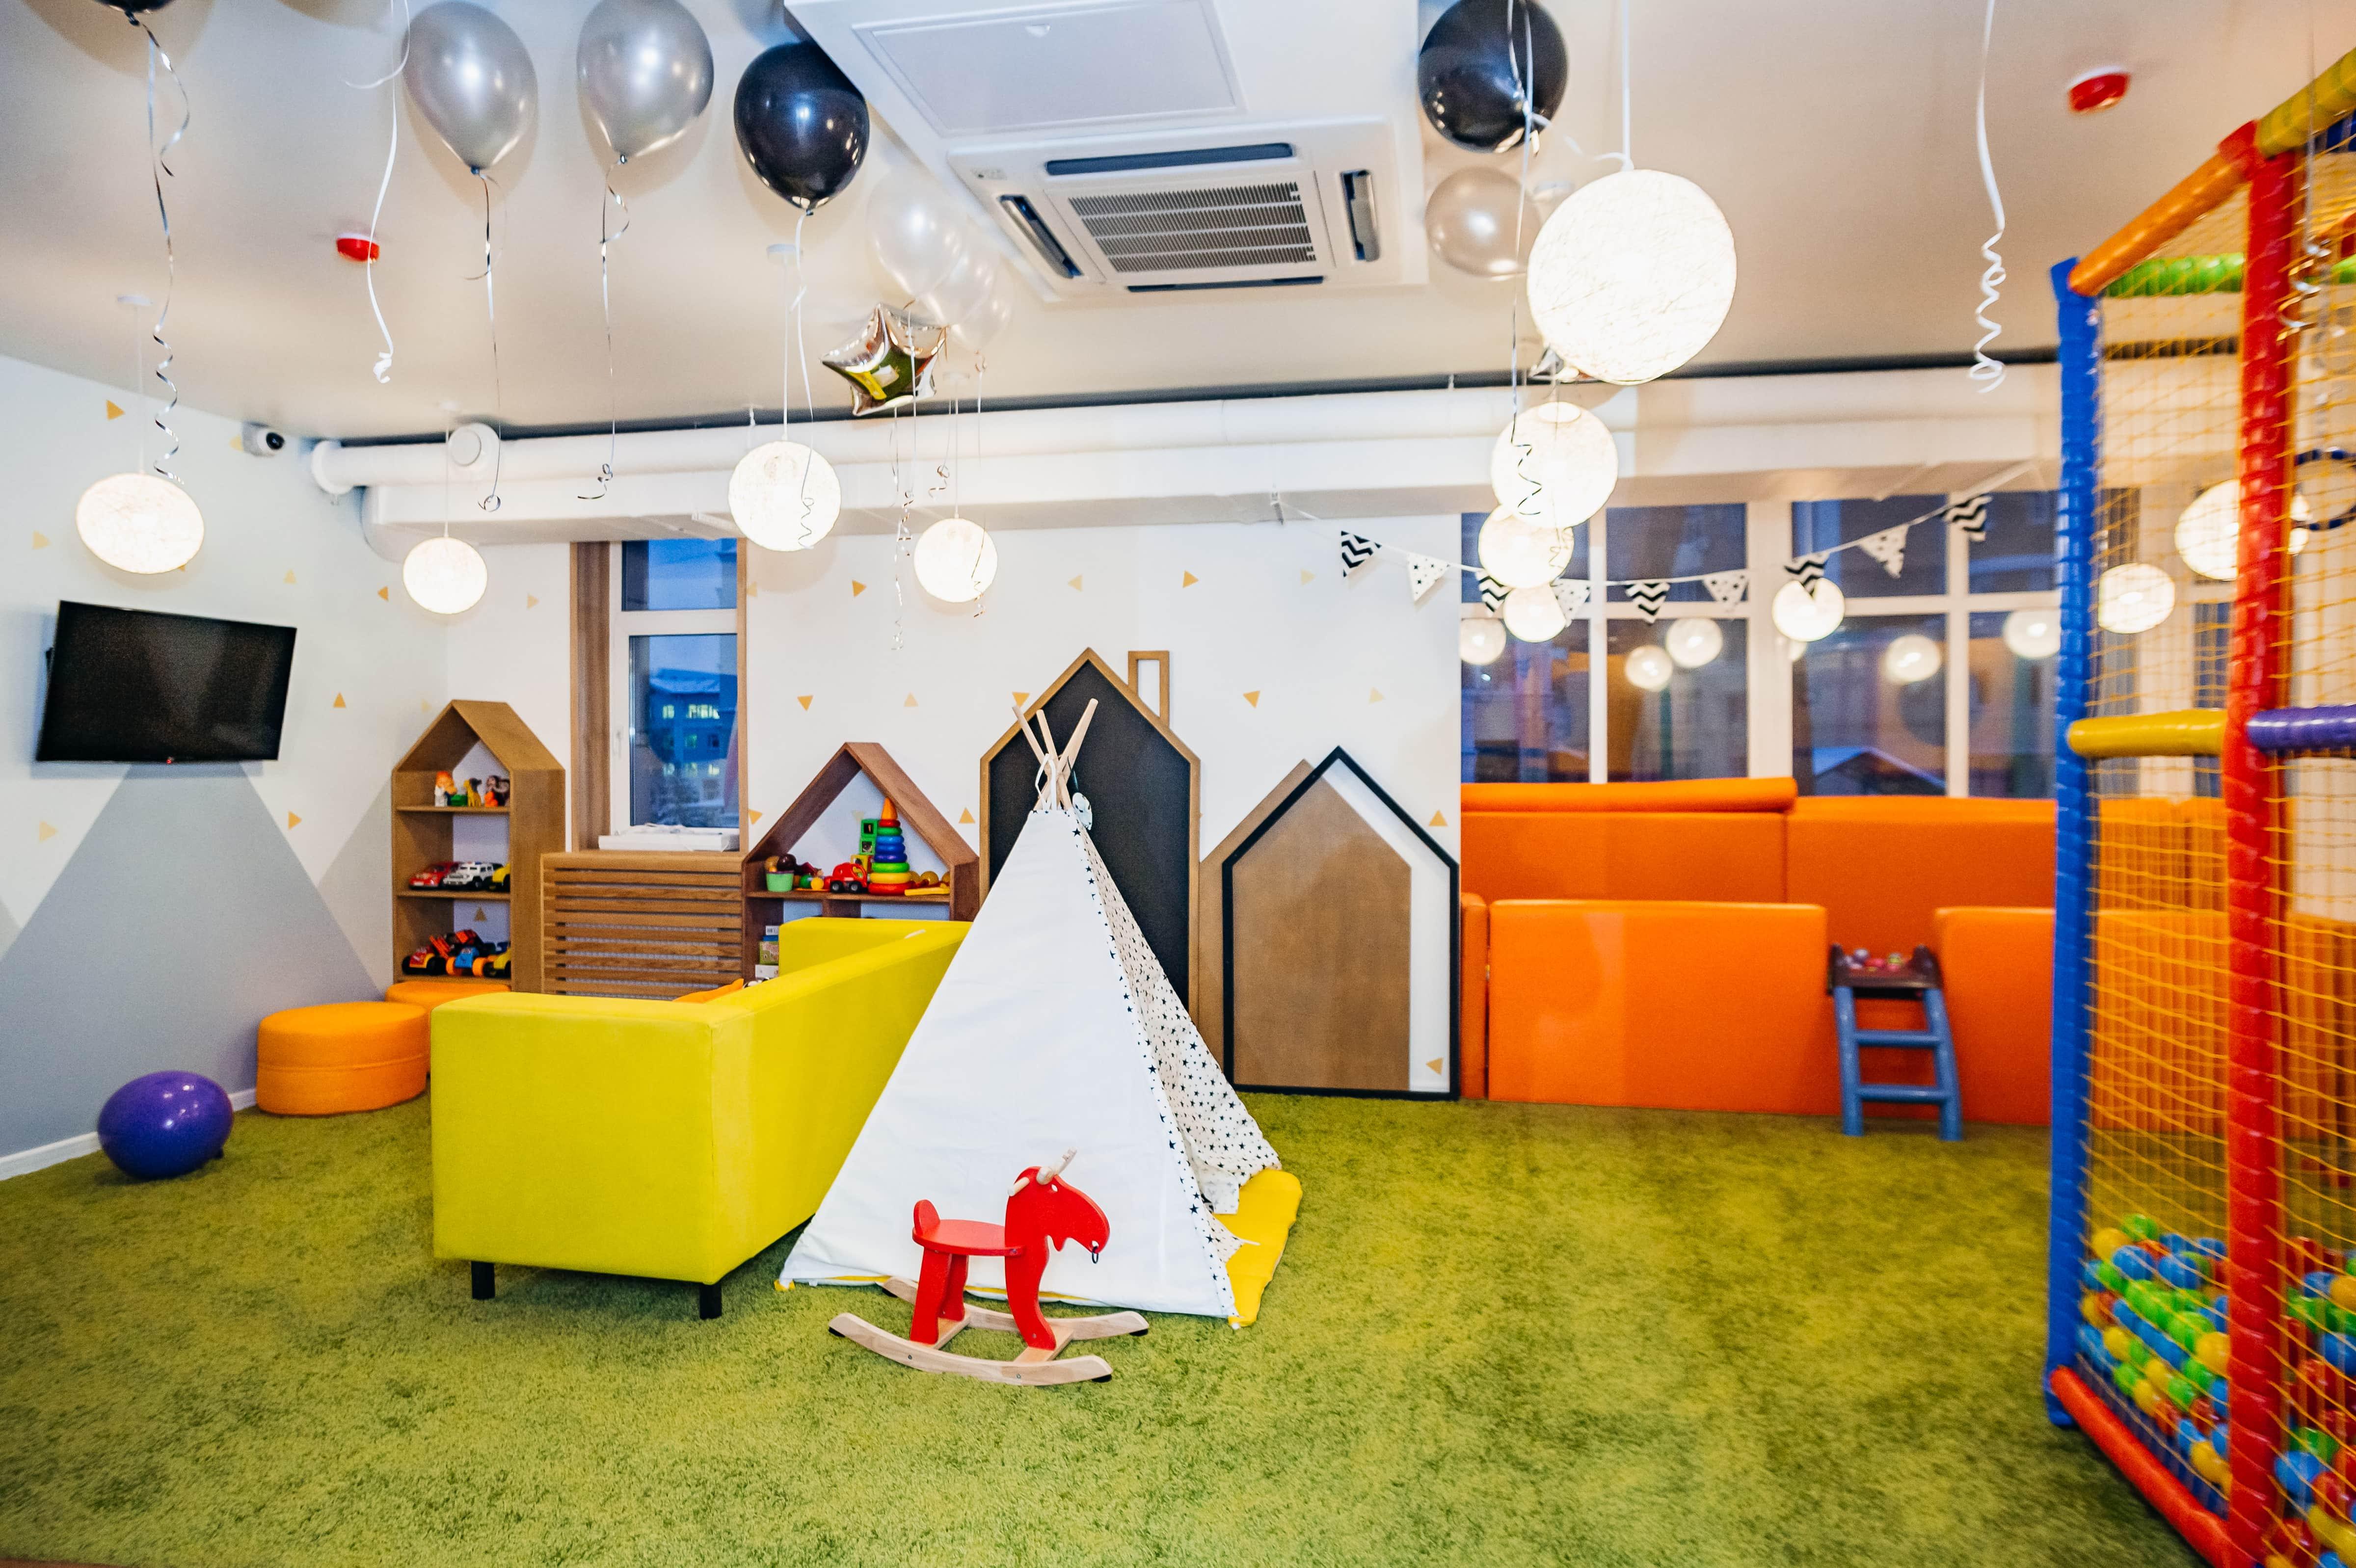 Детская комната в ресторане ПиццаФабрика в Вологде